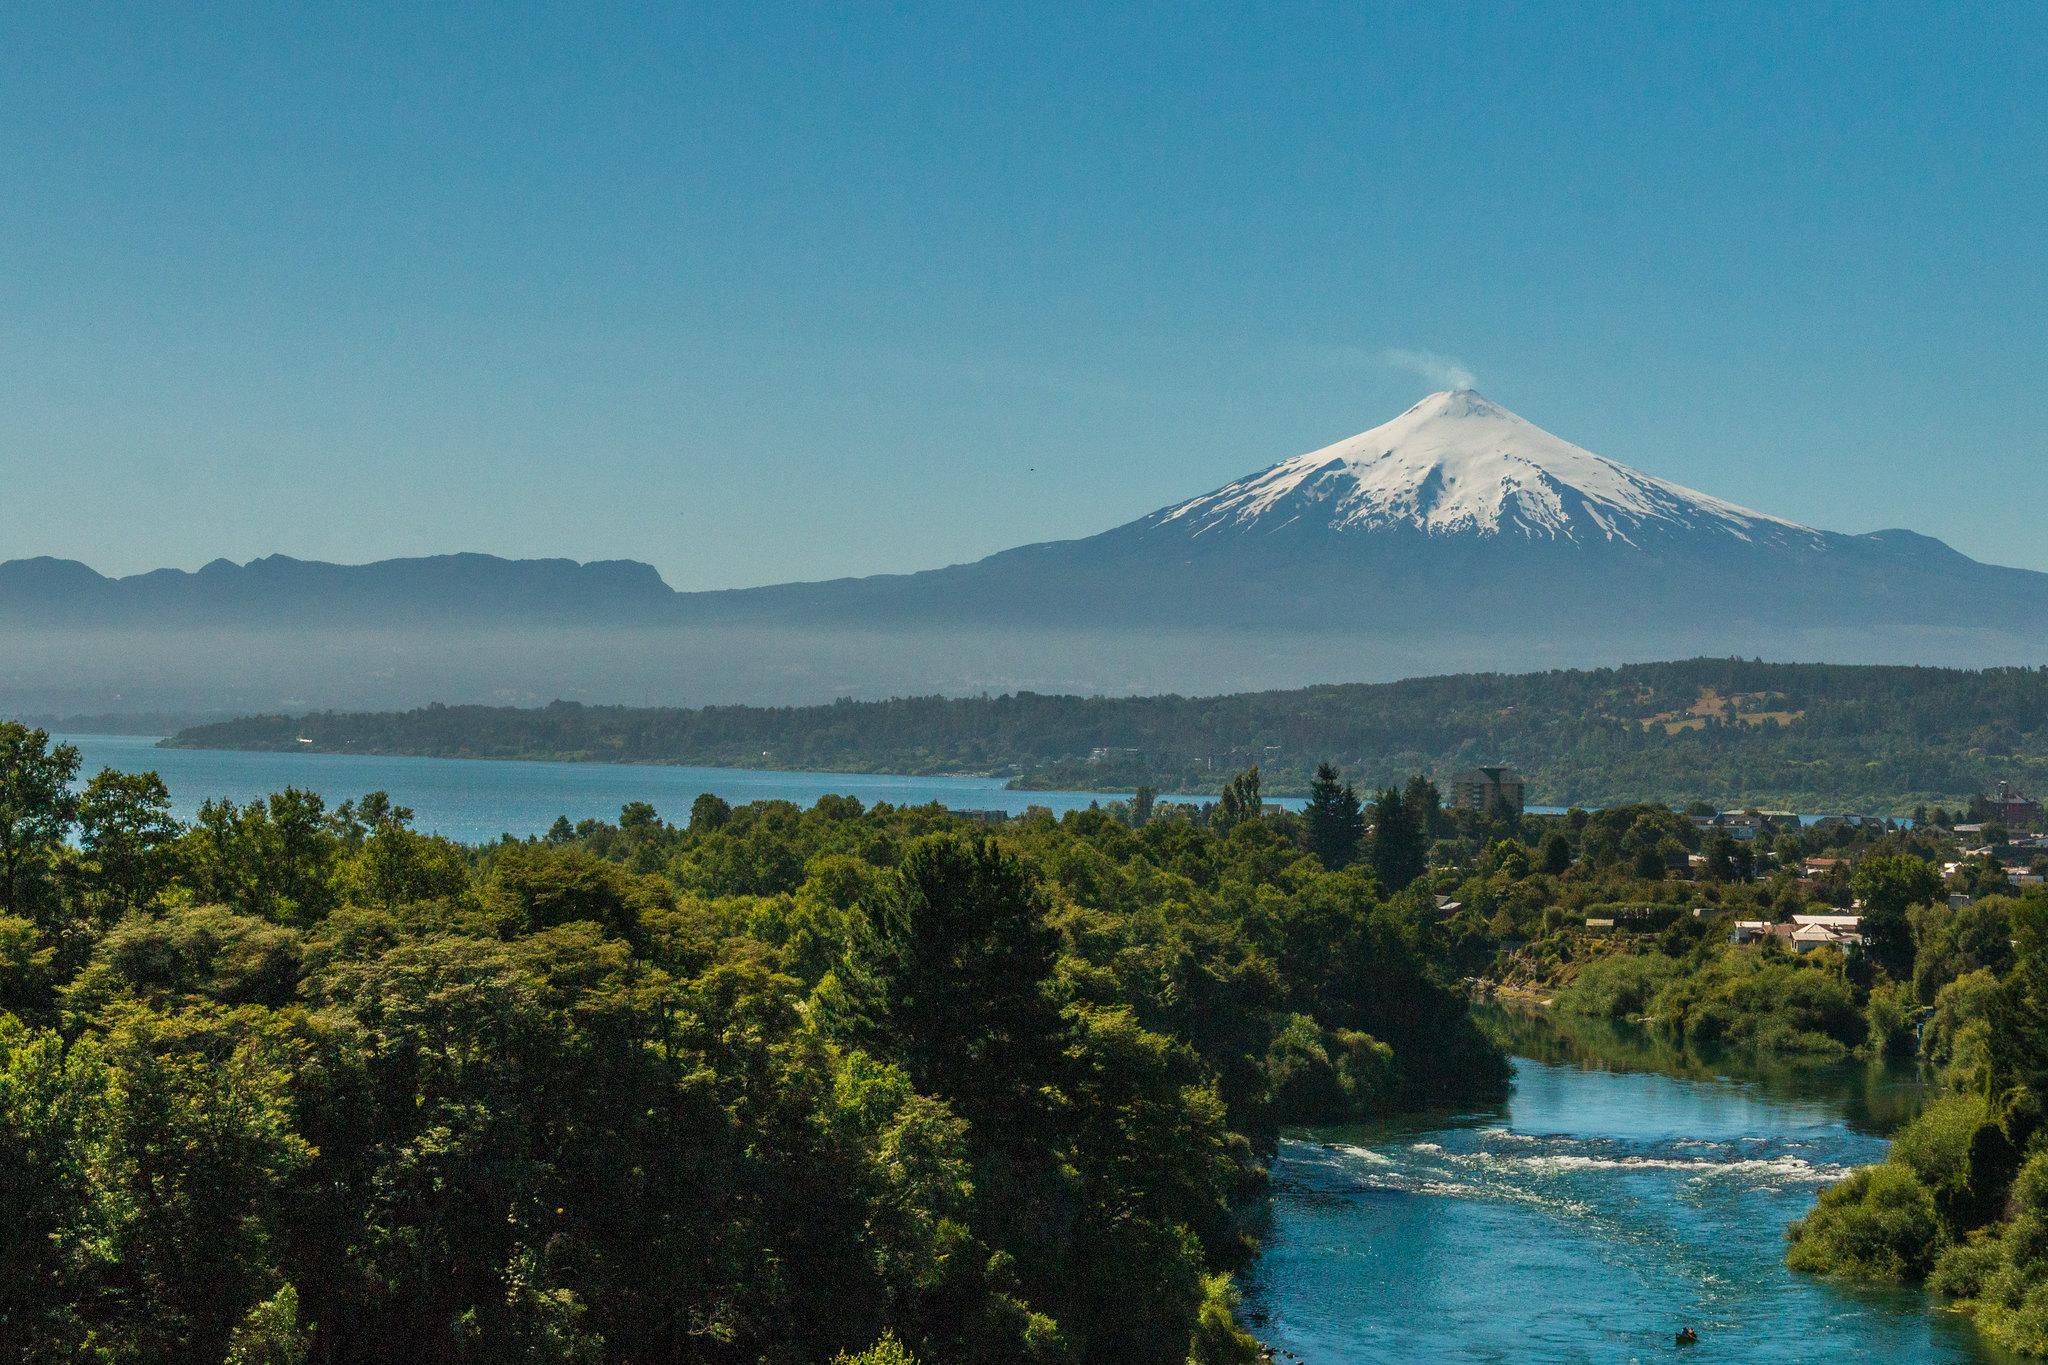 vulcano Villarica